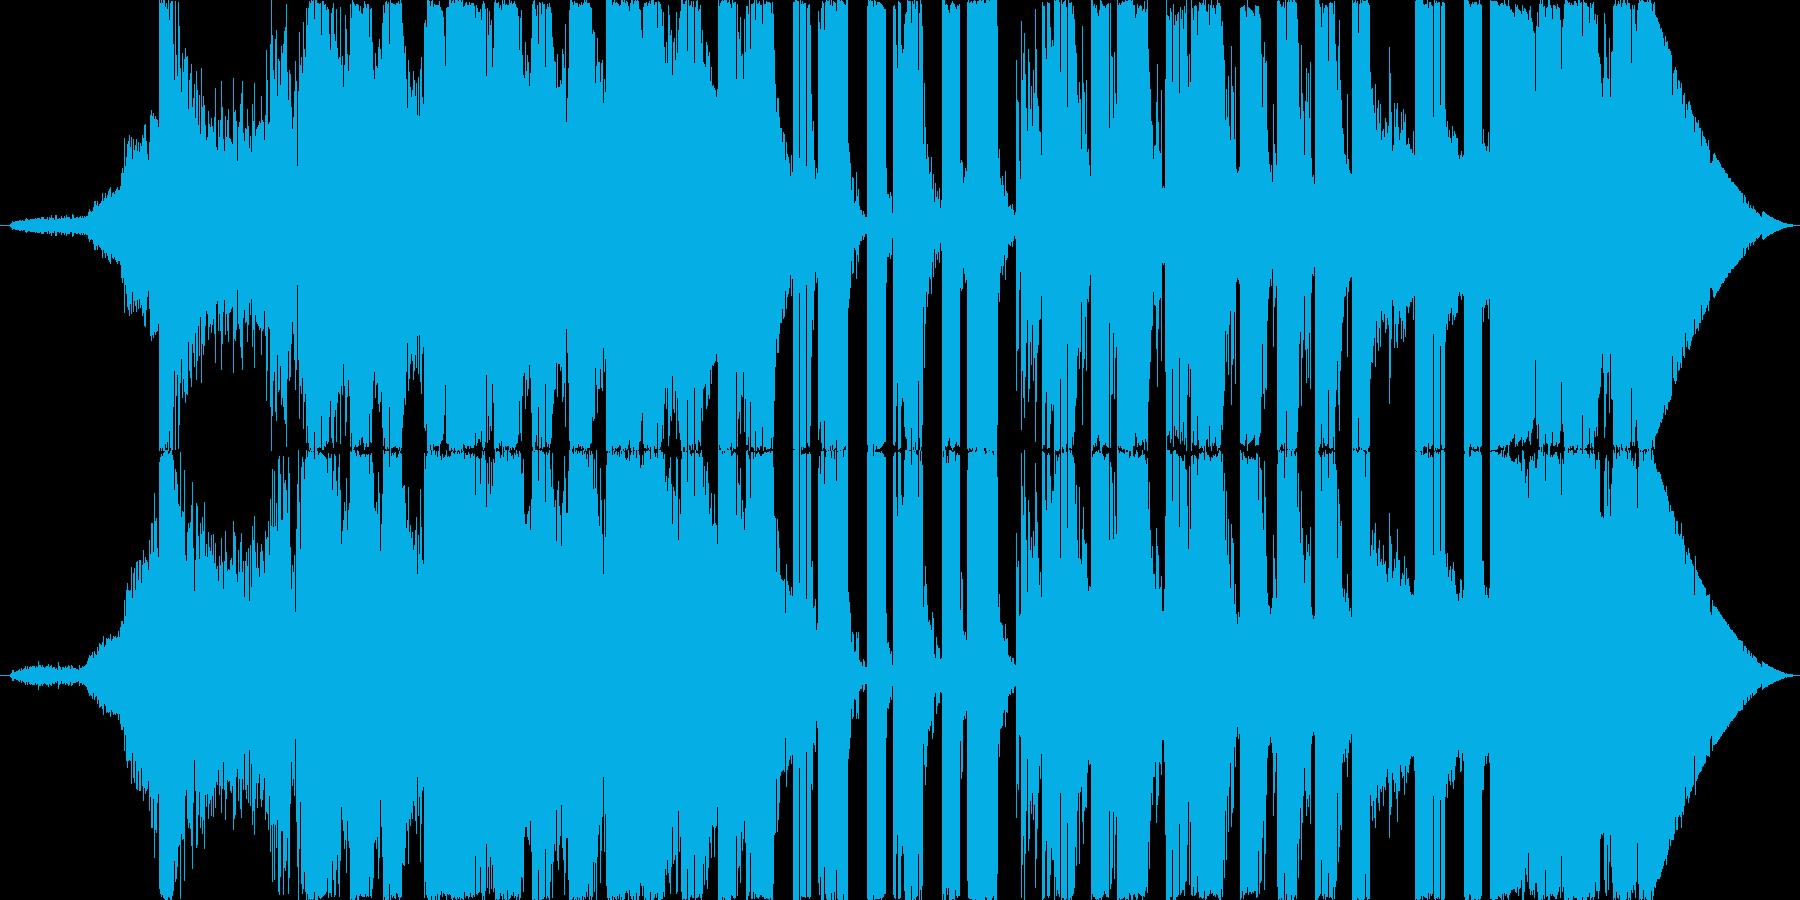 機械的であやしい雰囲気を出してみました…の再生済みの波形